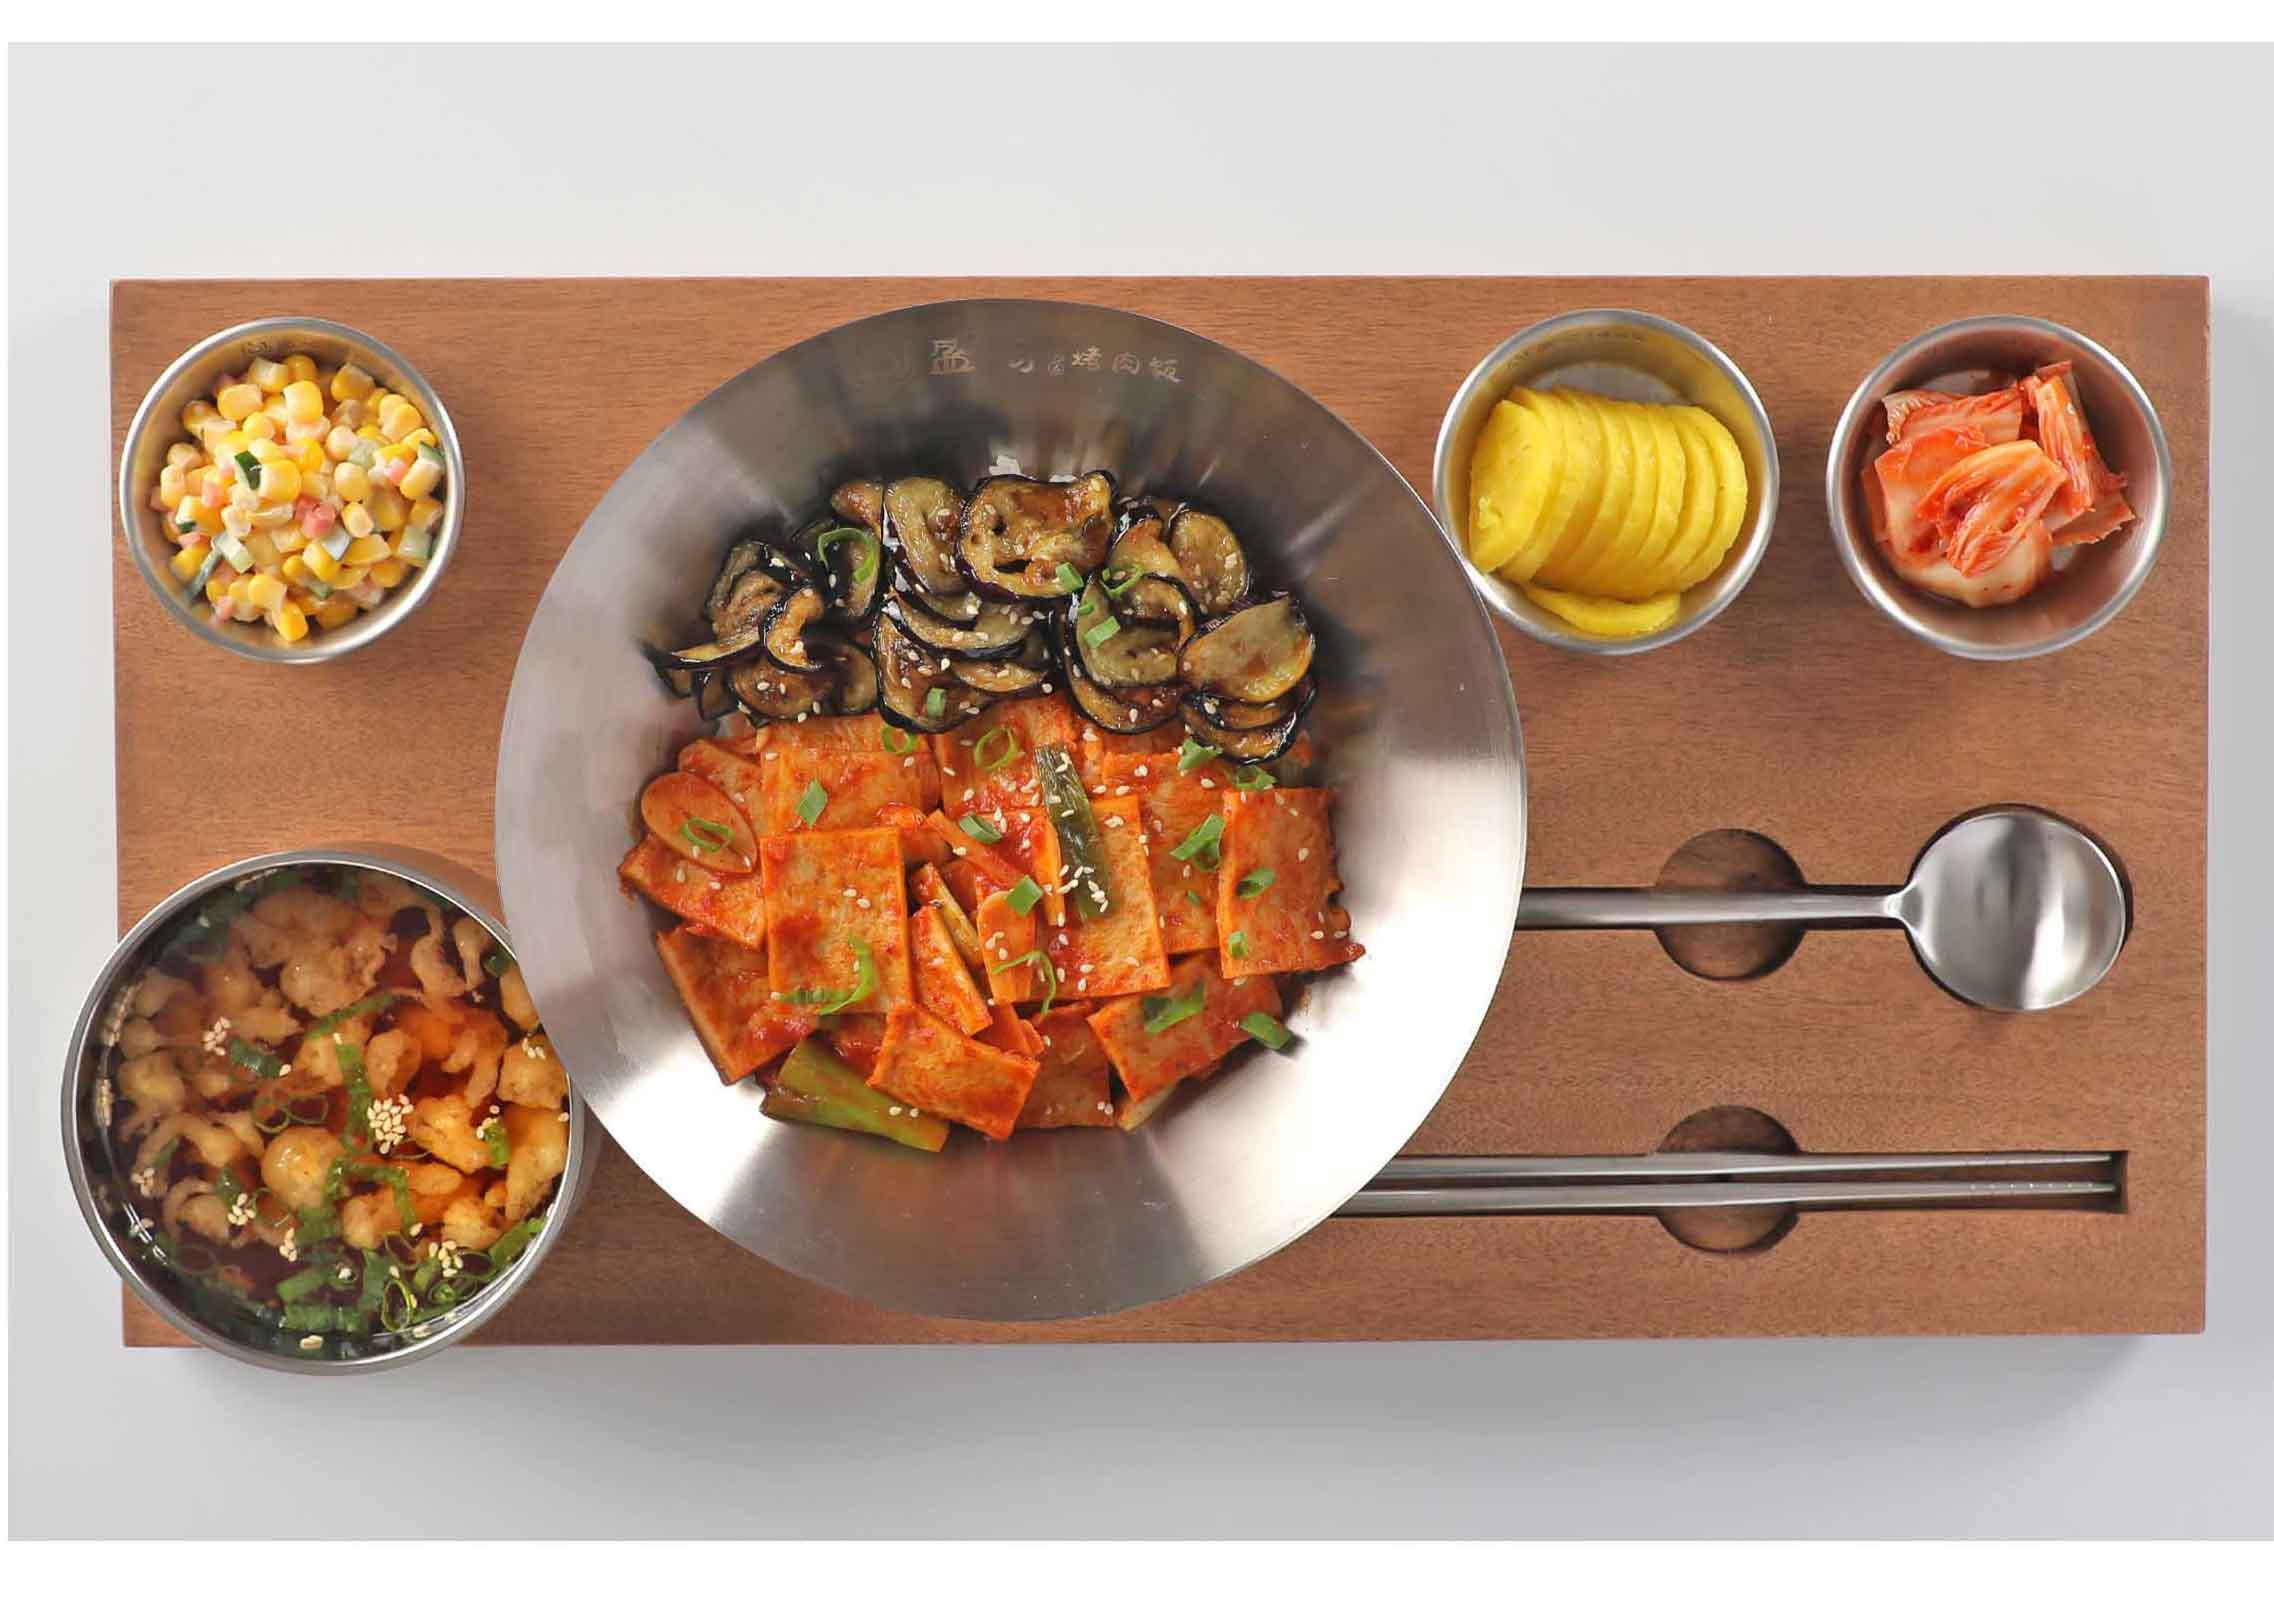 火山石烤肉饭加盟 辽宁烤肉饭加盟哪家公司有提供